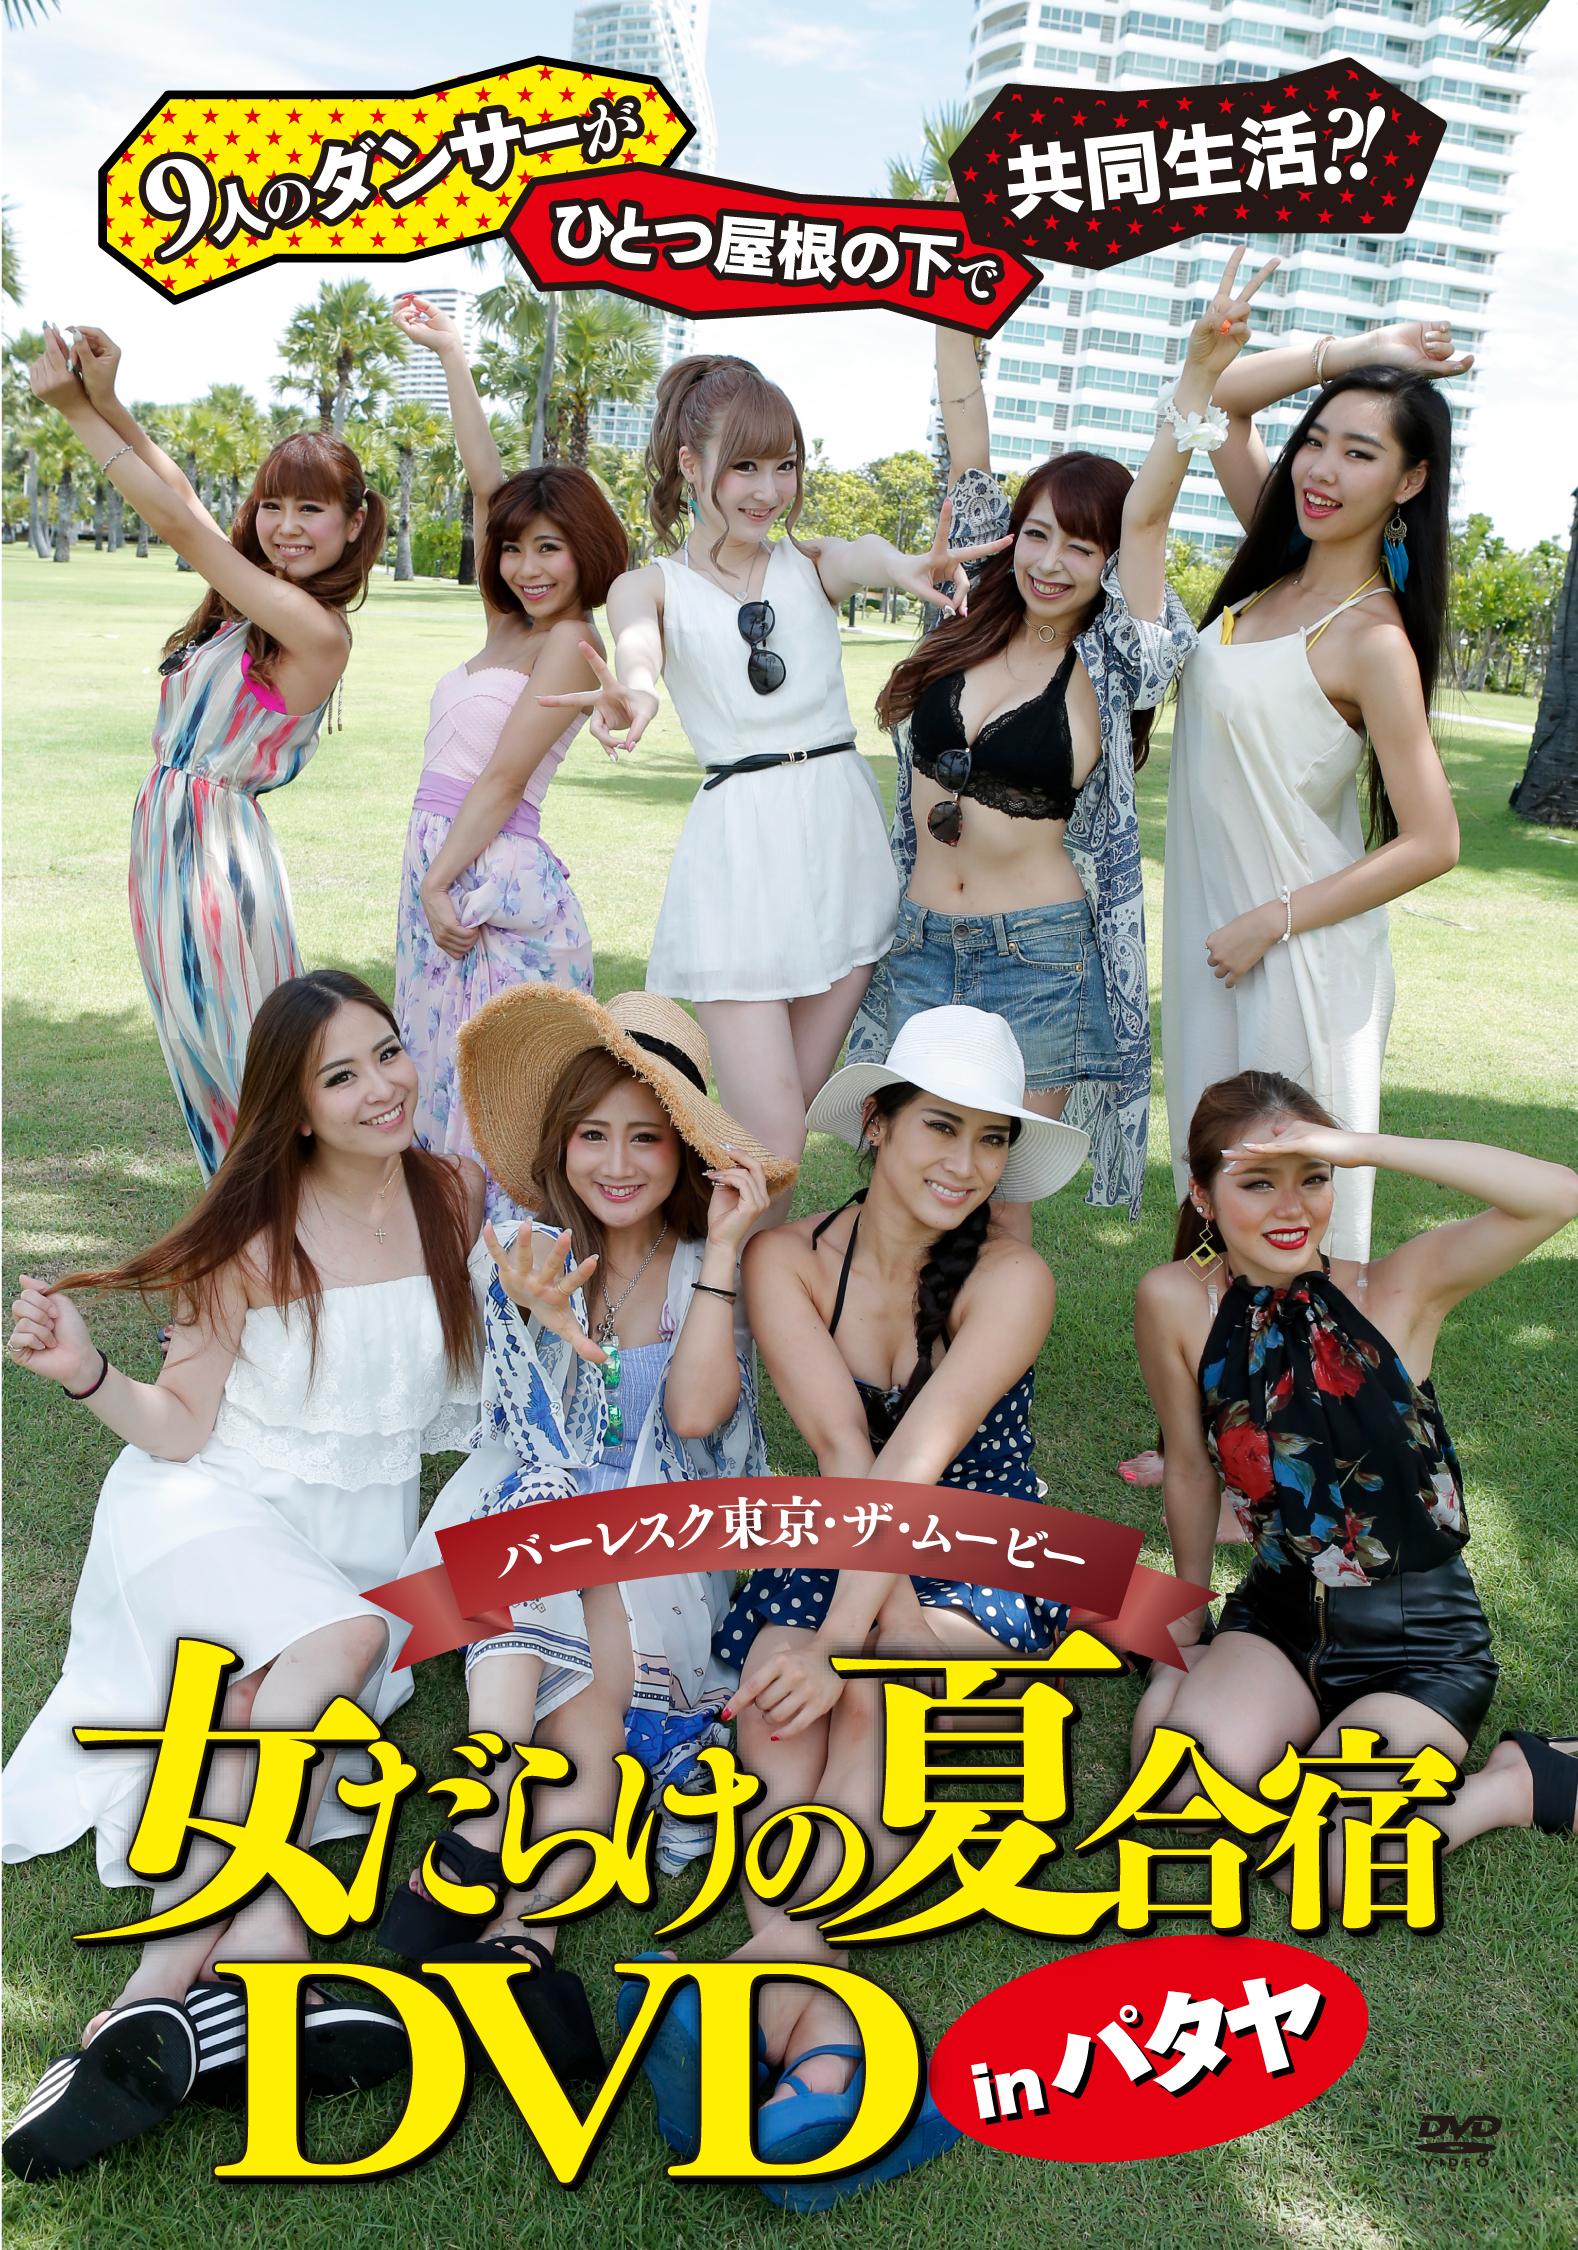 バーレスク東京・ザ・ムービー 女だらけの夏合宿 in パタヤ DVD